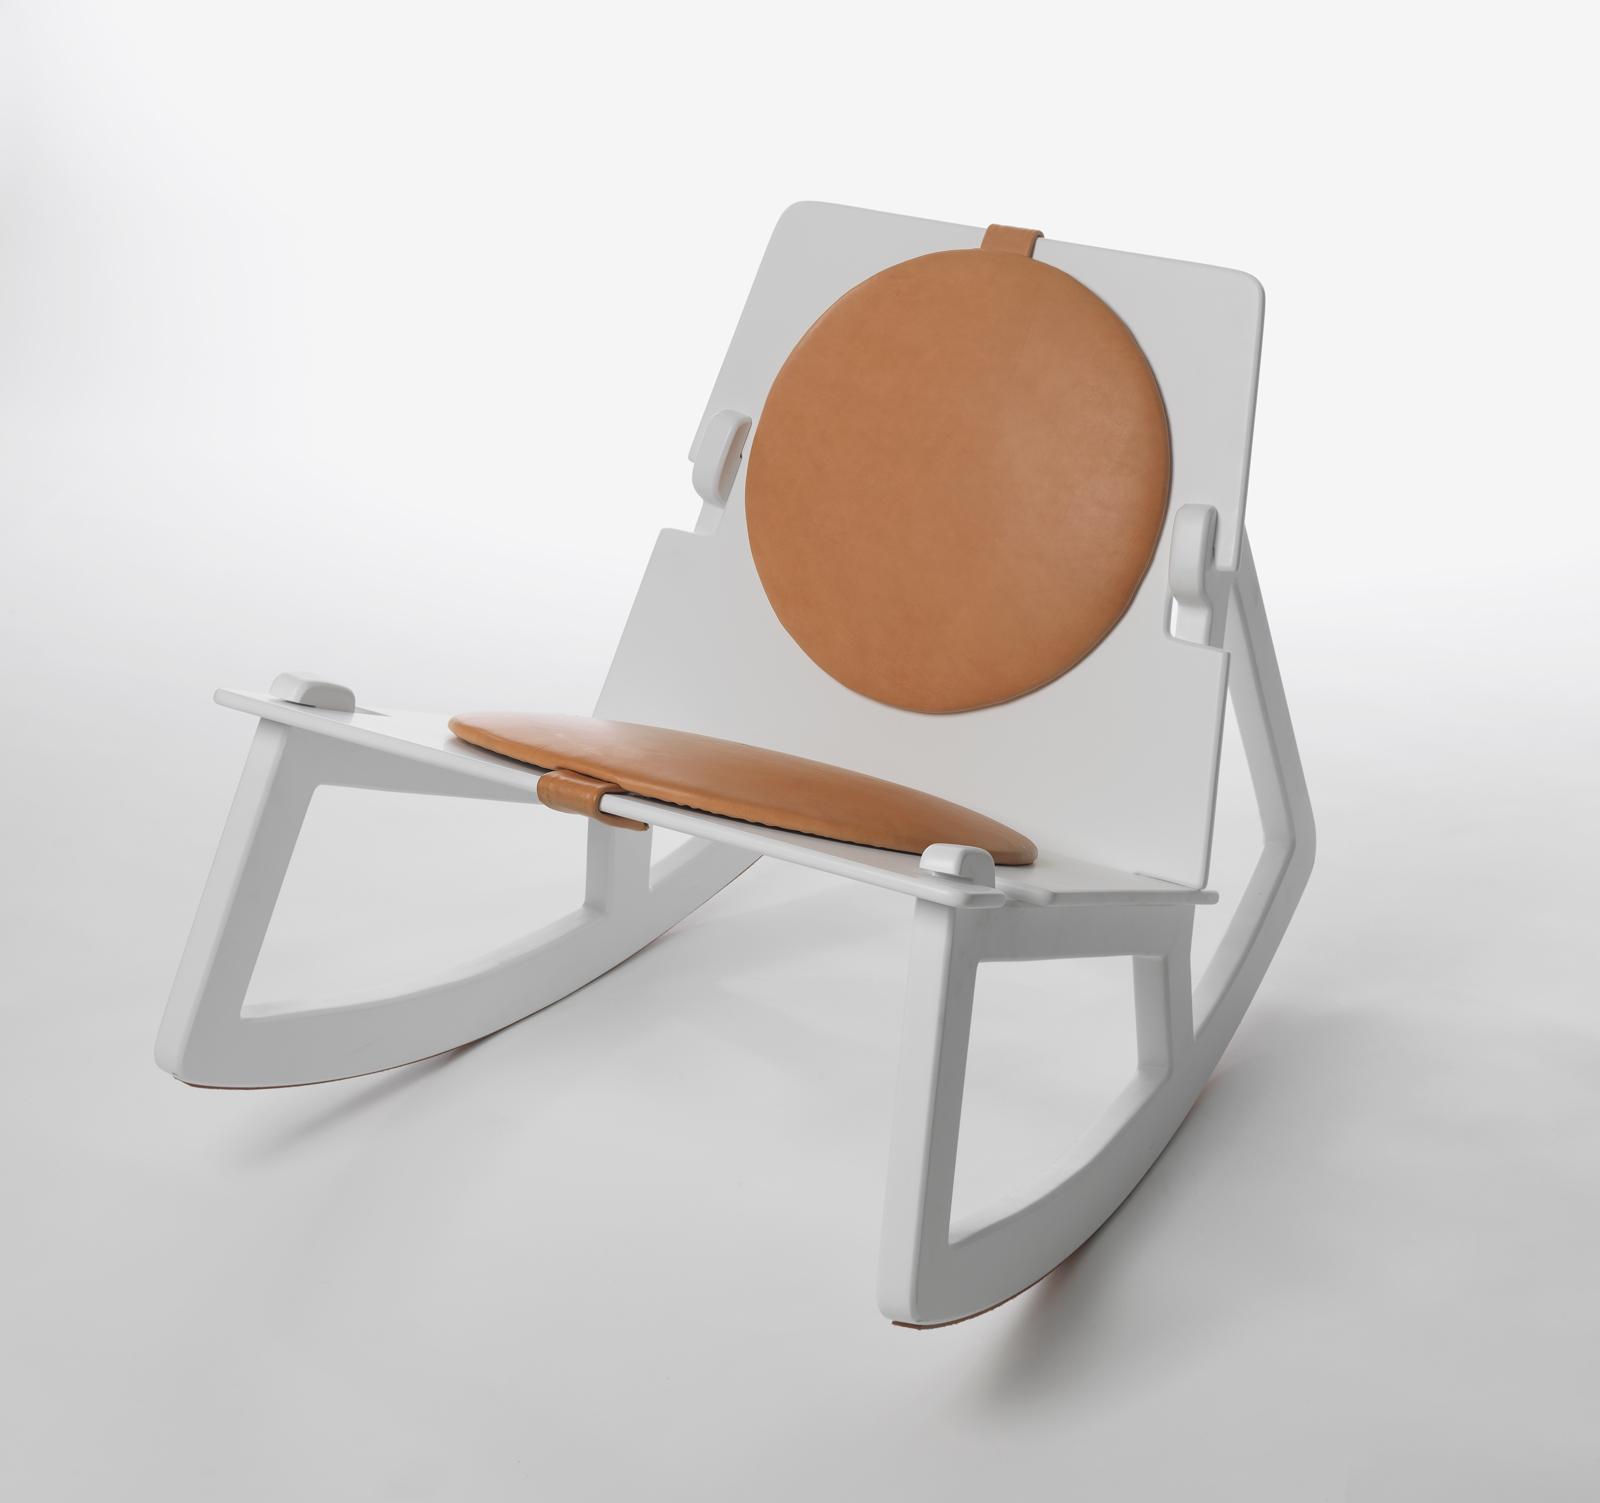 In Rock Chair by Fredrik Färg